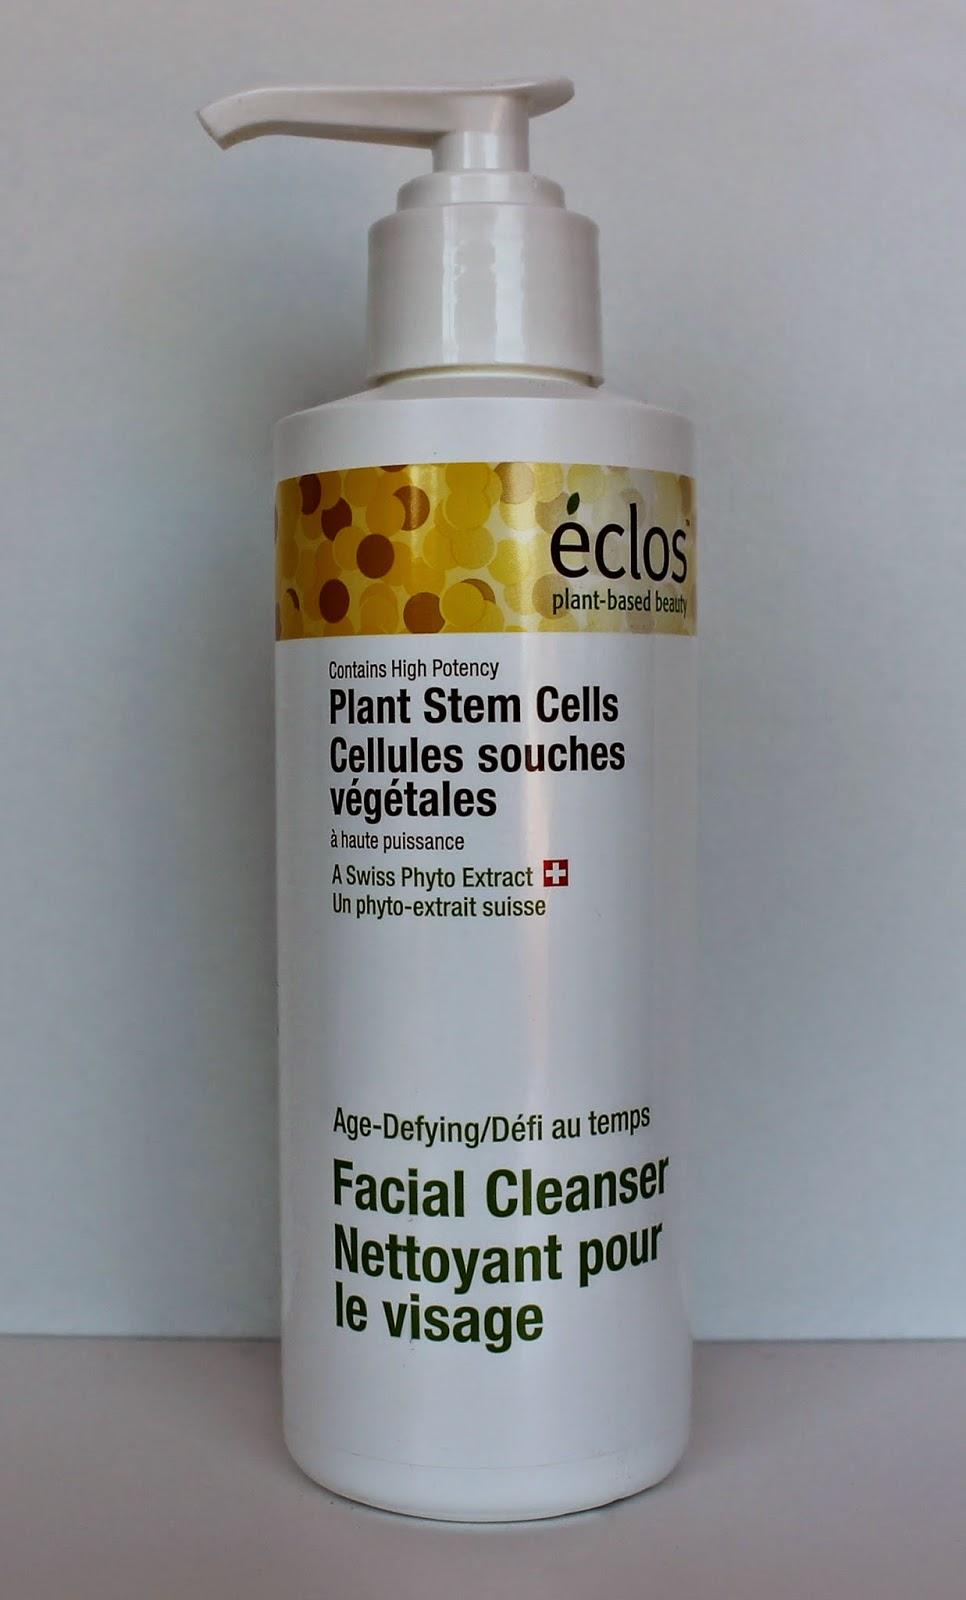 Nettoyant pour le visage cellules souches Éclos